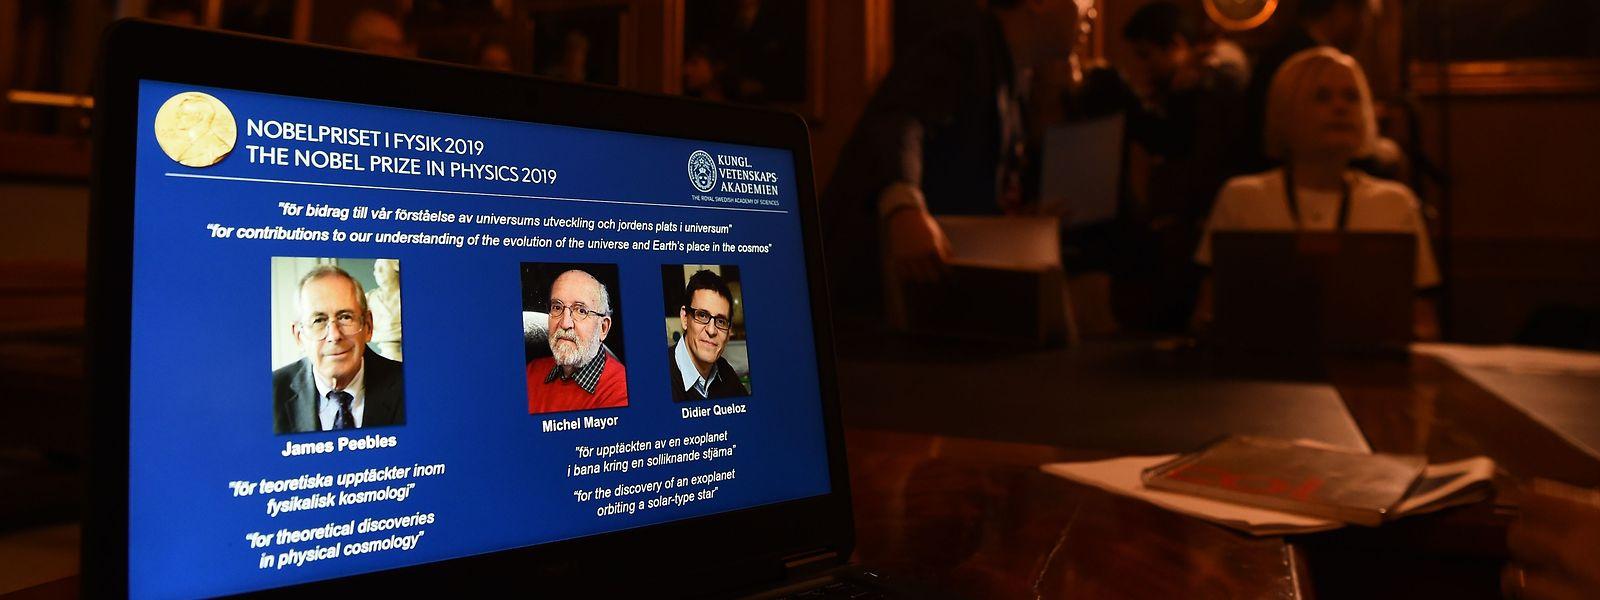 Le portrait des lauréats du Nobel de physique à l'Académie royale suédoise des sciences.